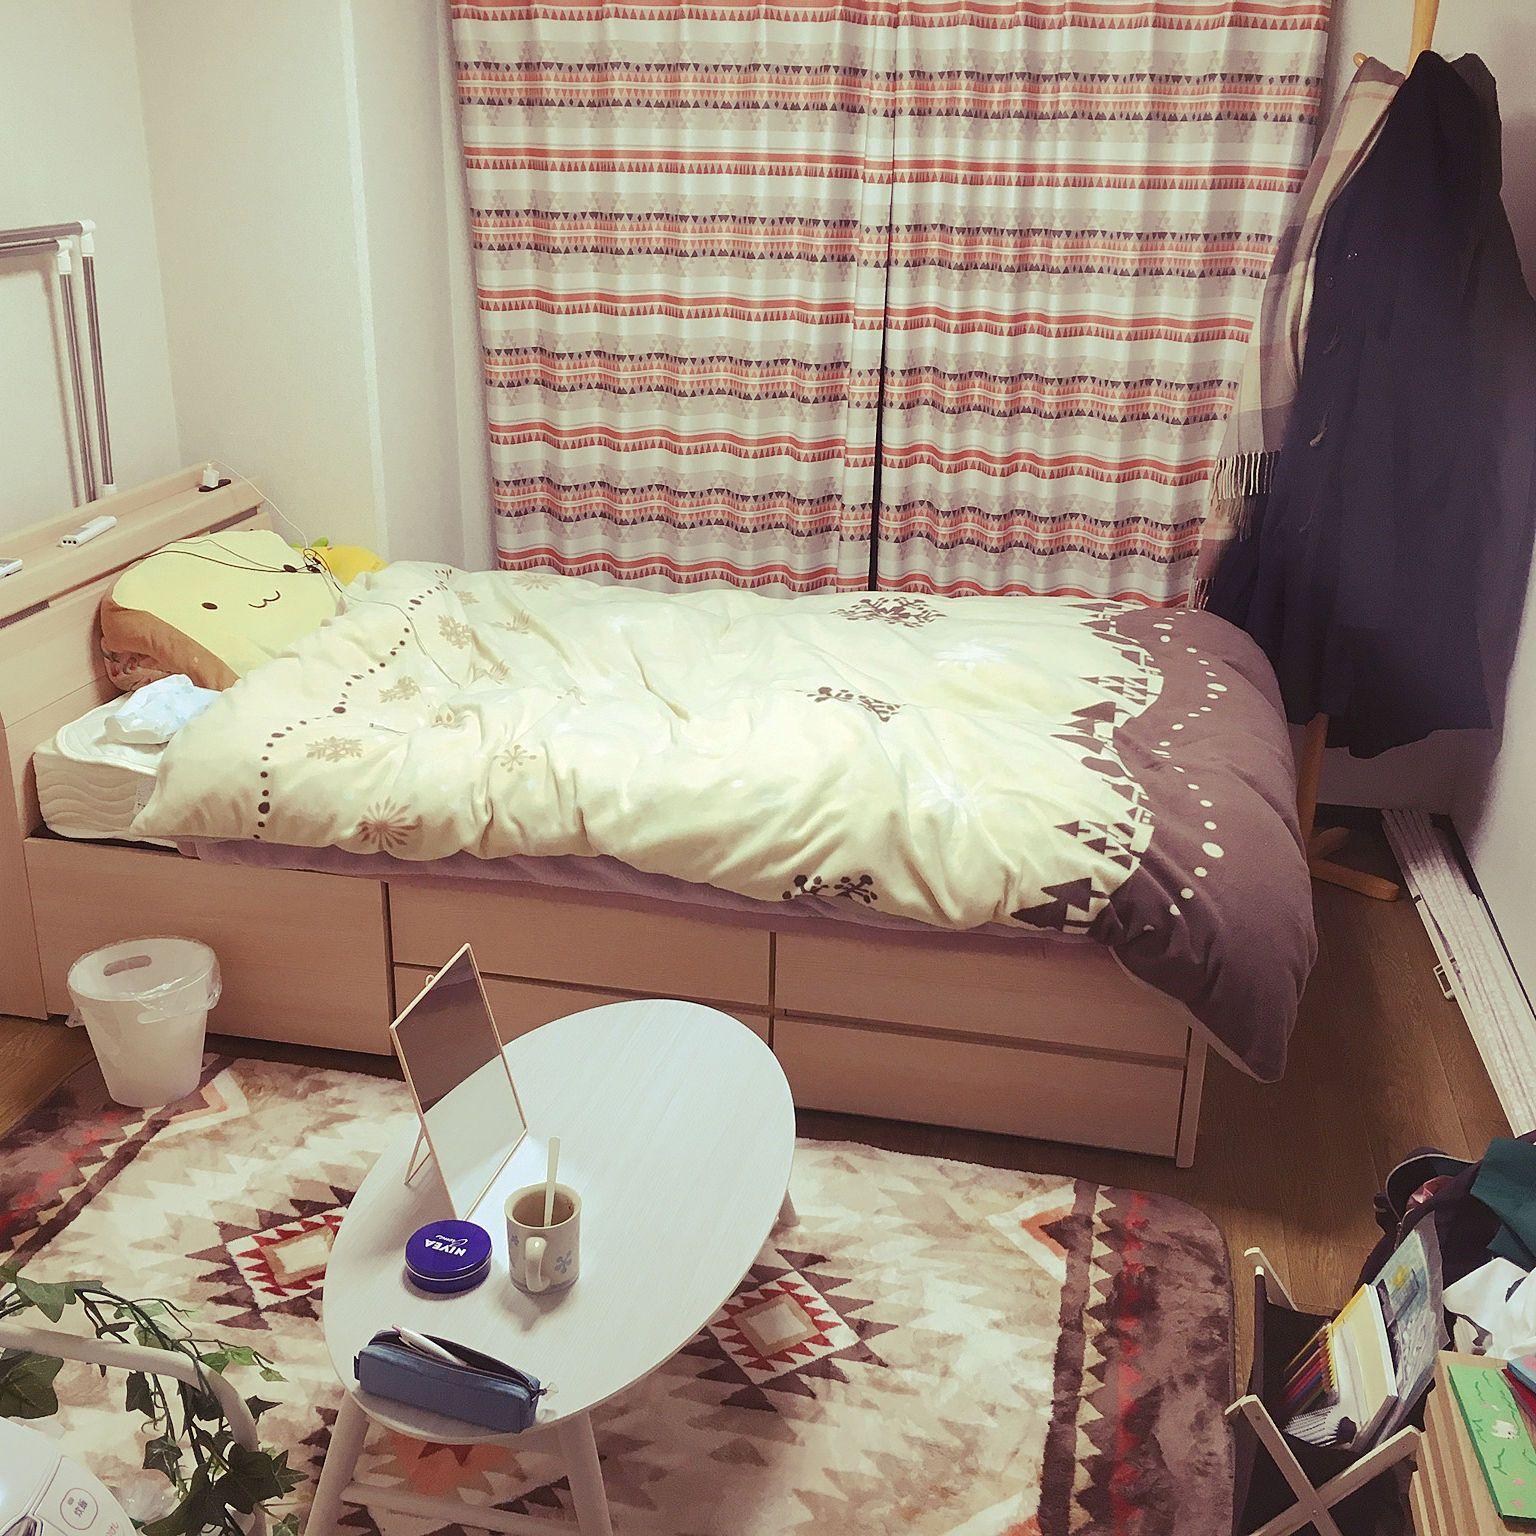 6畳インテリア実例 ベッドやソファを置けるレイアウトとは 6畳 インテリア インテリア 実例 インテリア